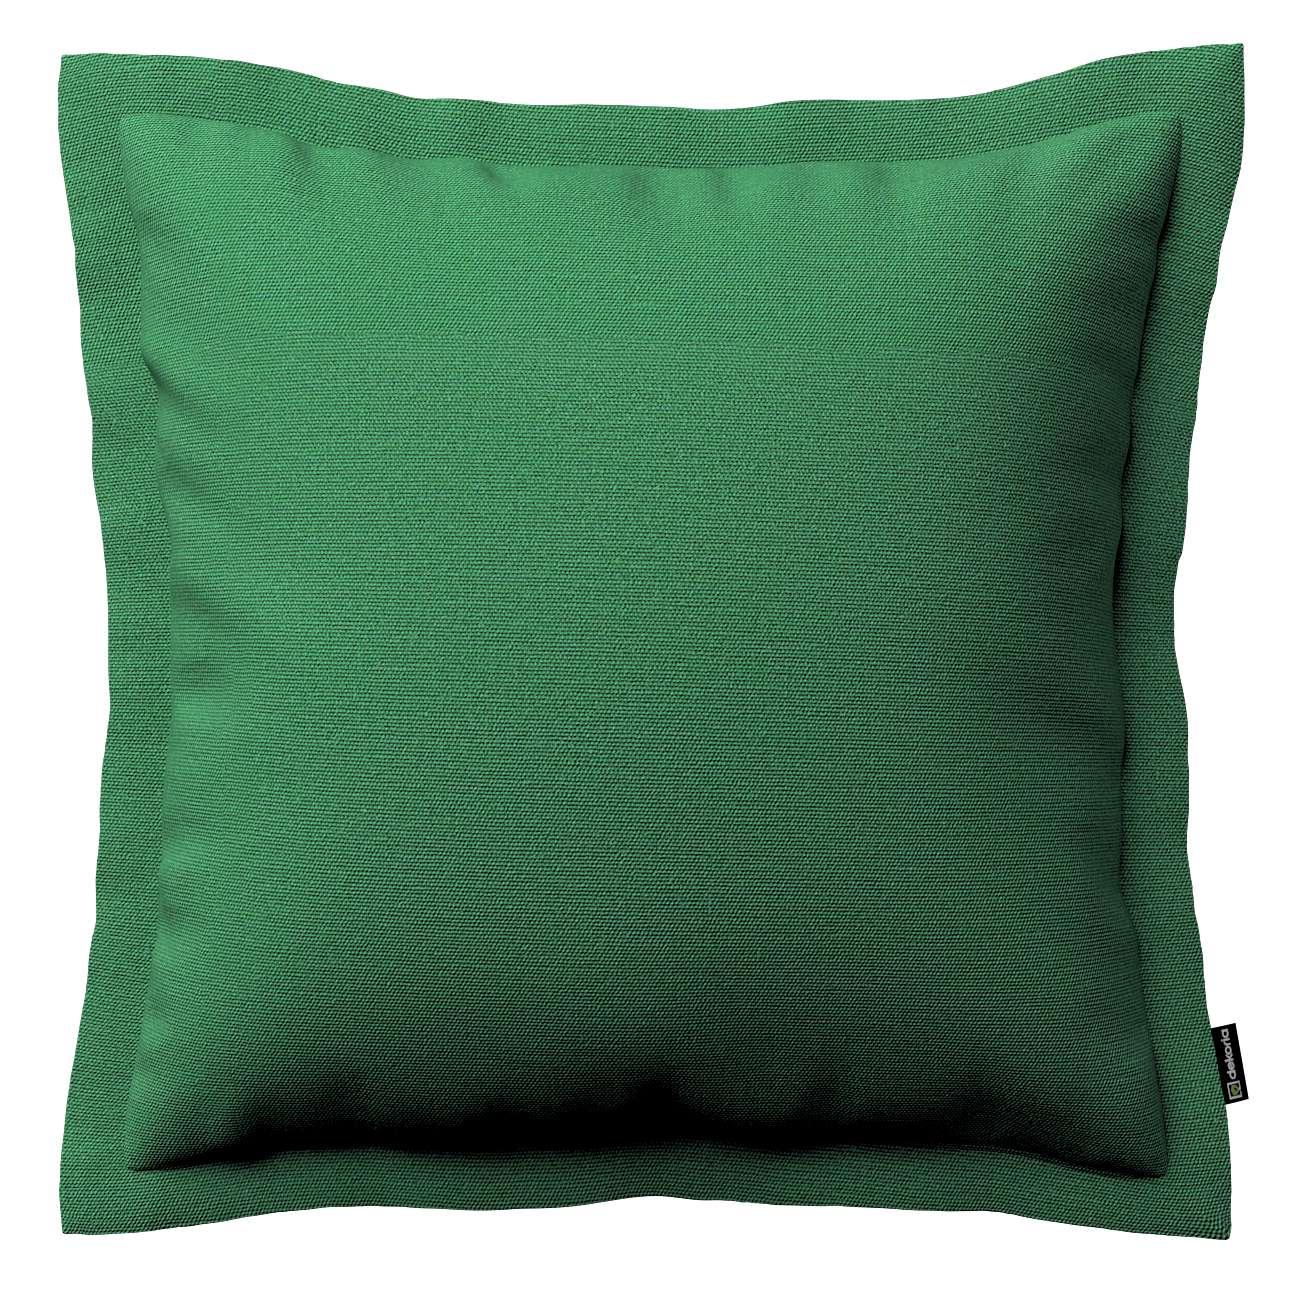 Poszewka Mona na poduszkę 45x45 cm w kolekcji Loneta, tkanina: 133-18